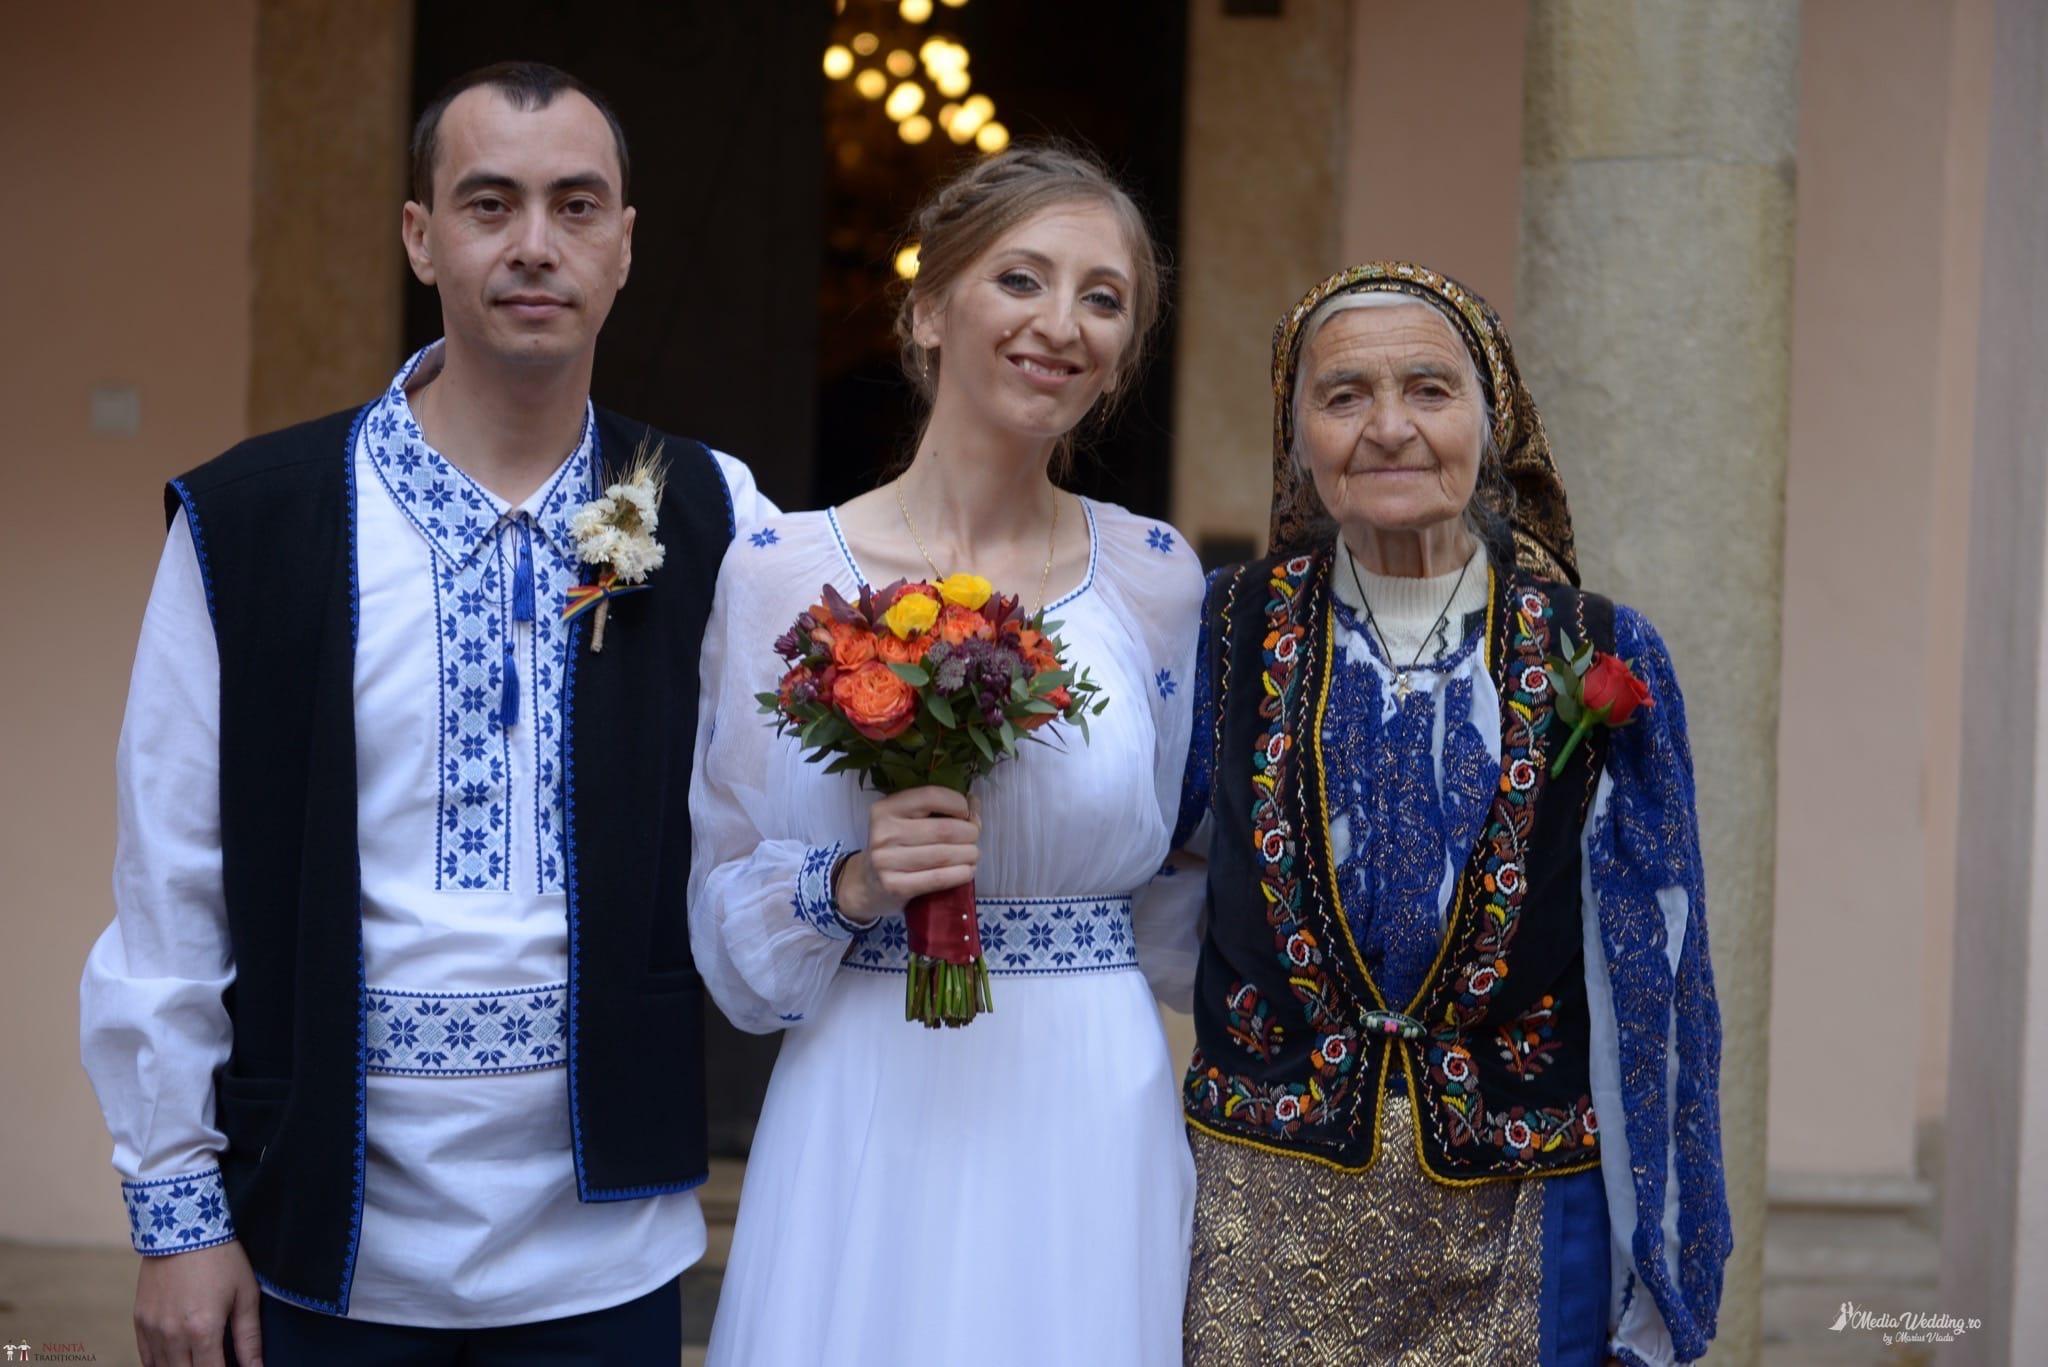 Povești Nunți Tradiționale - Alina-Maria și Ilie, nuntă tradițională în București 16